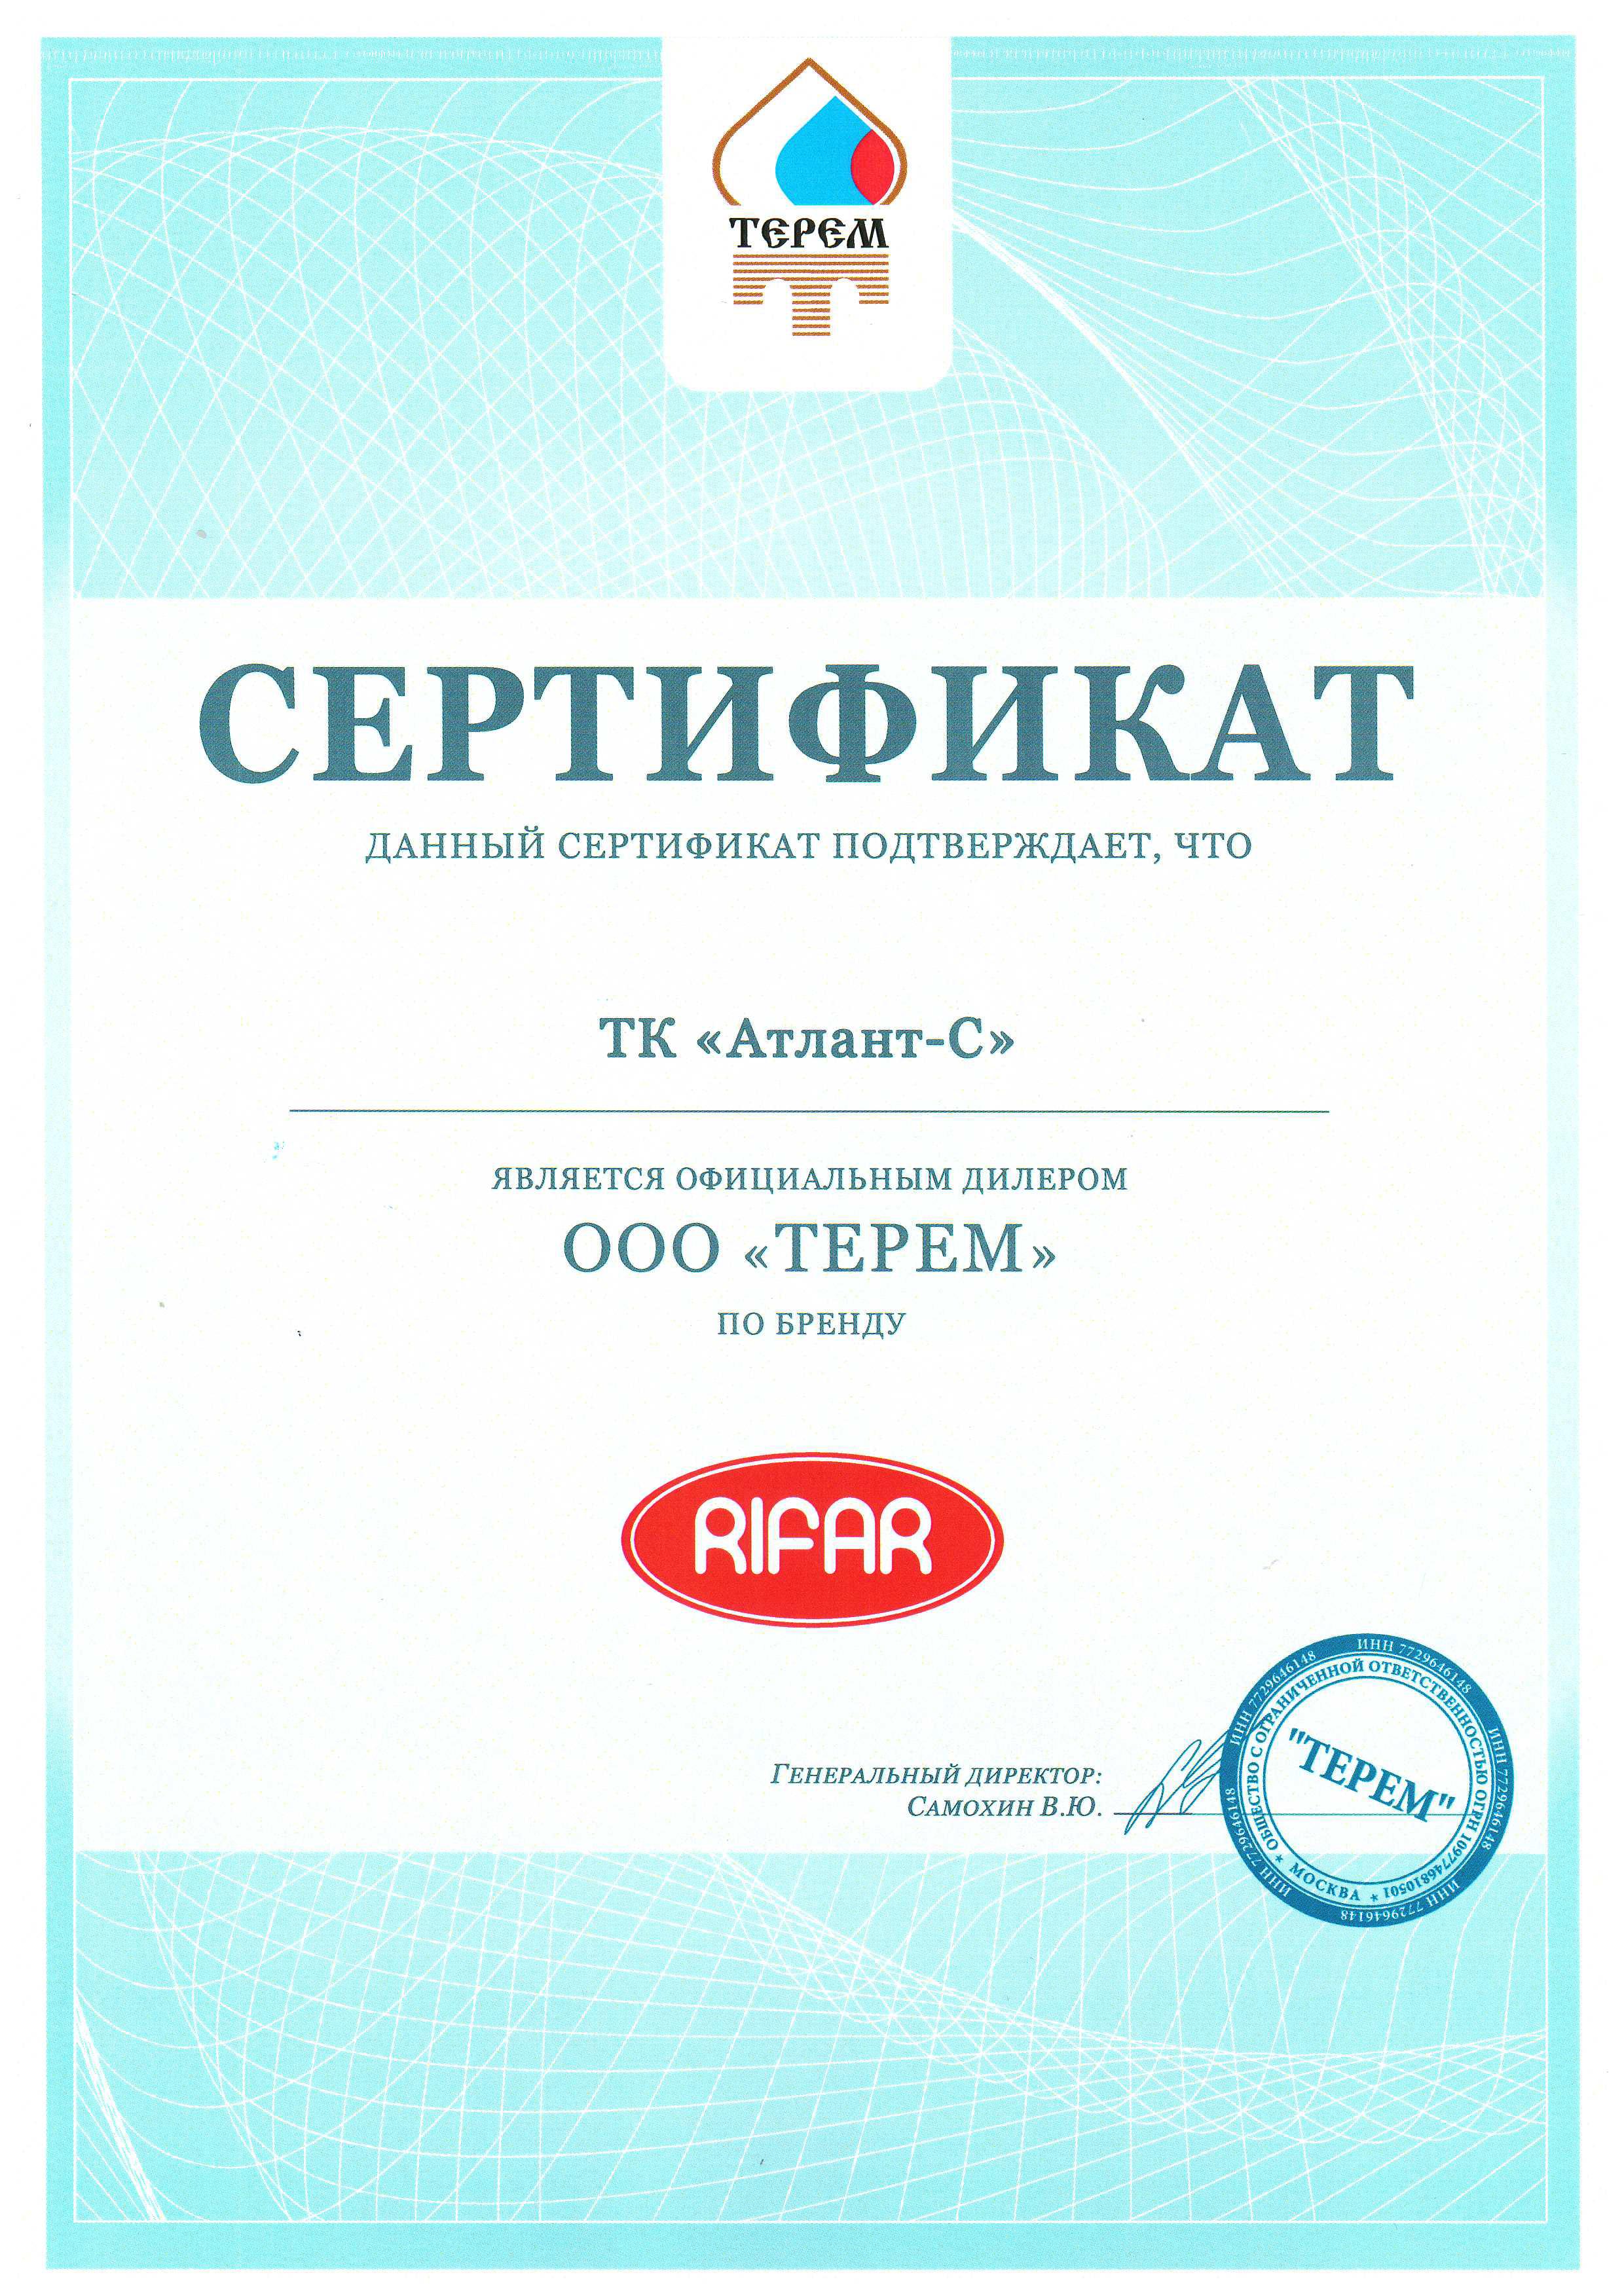 Сертификат Rifar